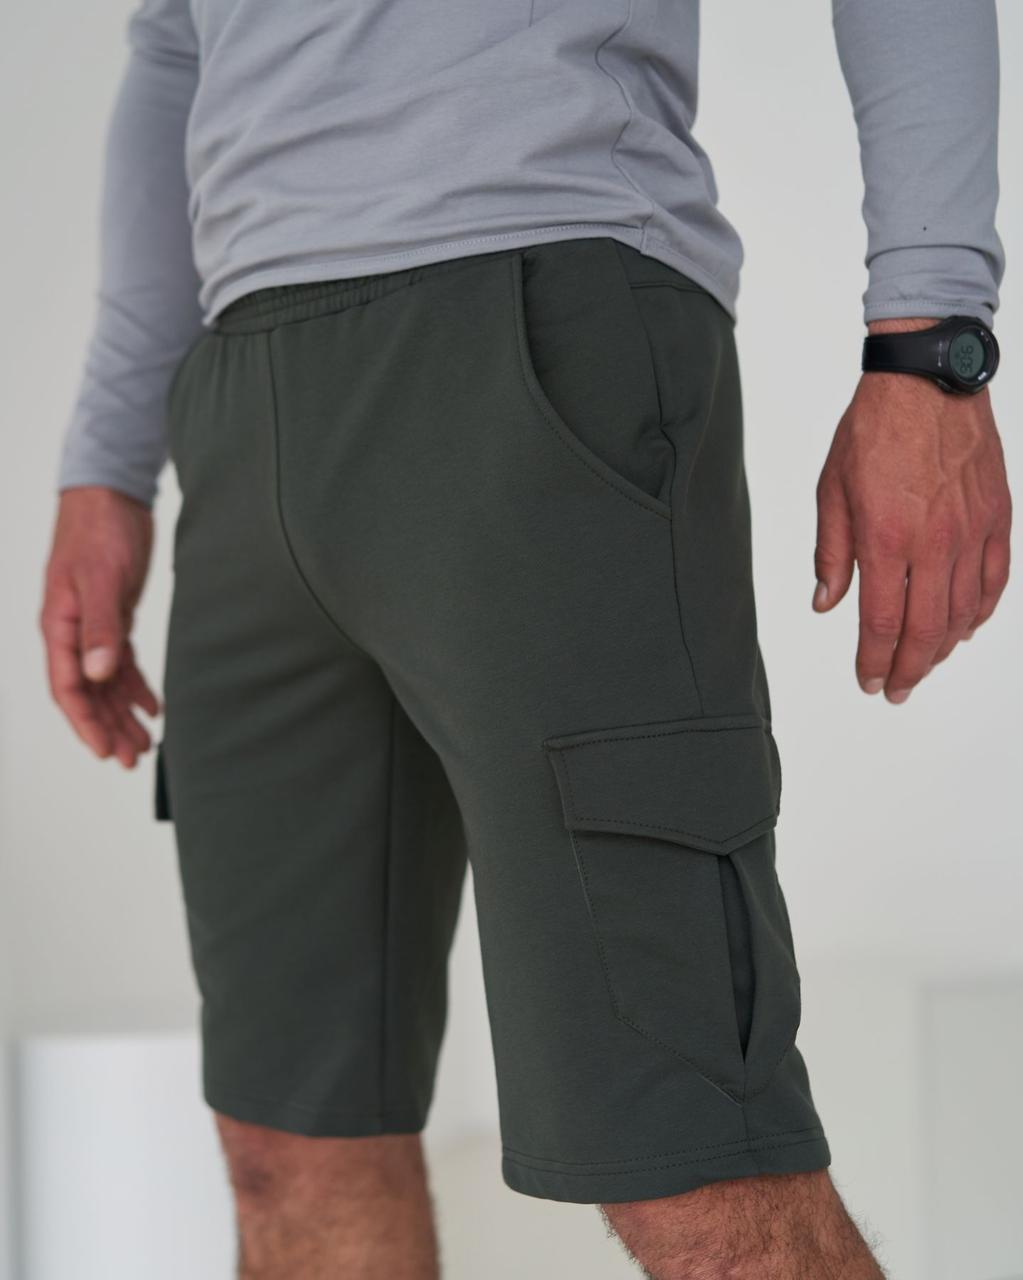 Мужские трикотажные шорты карго с карманами / Хаки спортивные шорты бриджи мужские